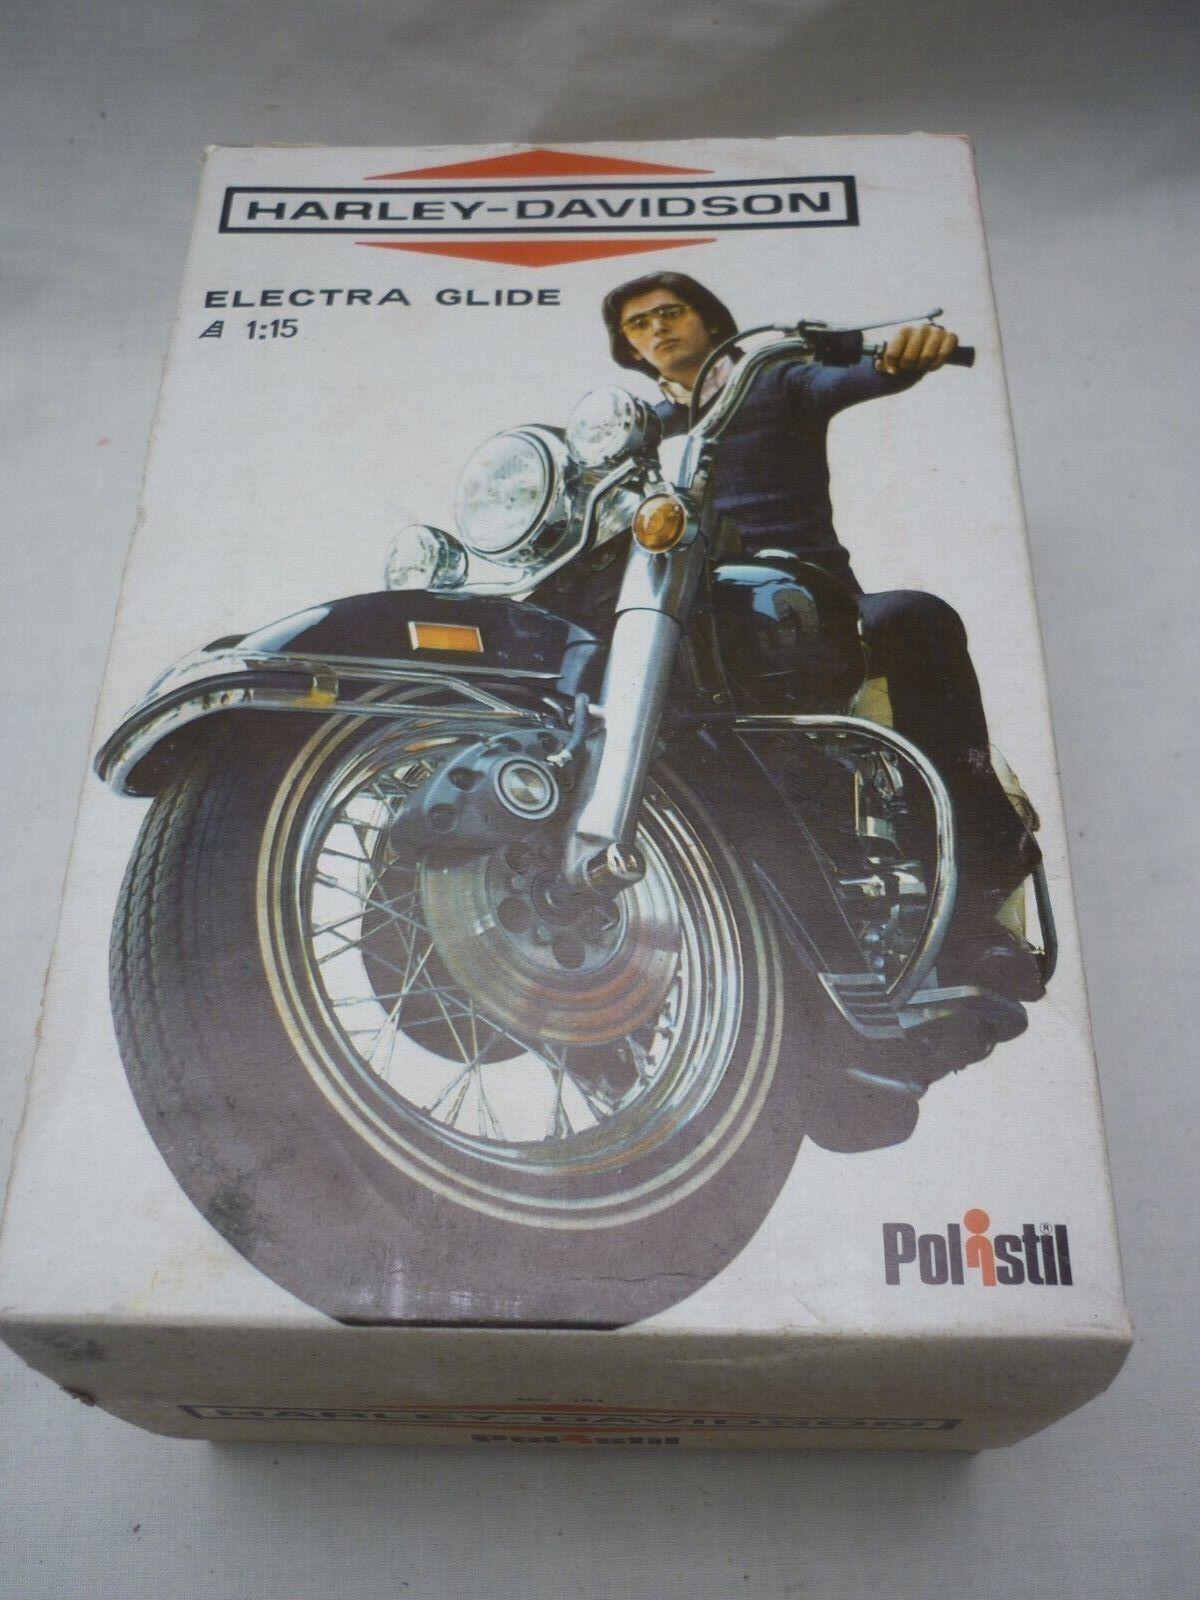 Un modello in scatola Polistil di una Harley Davidson Electra Glide